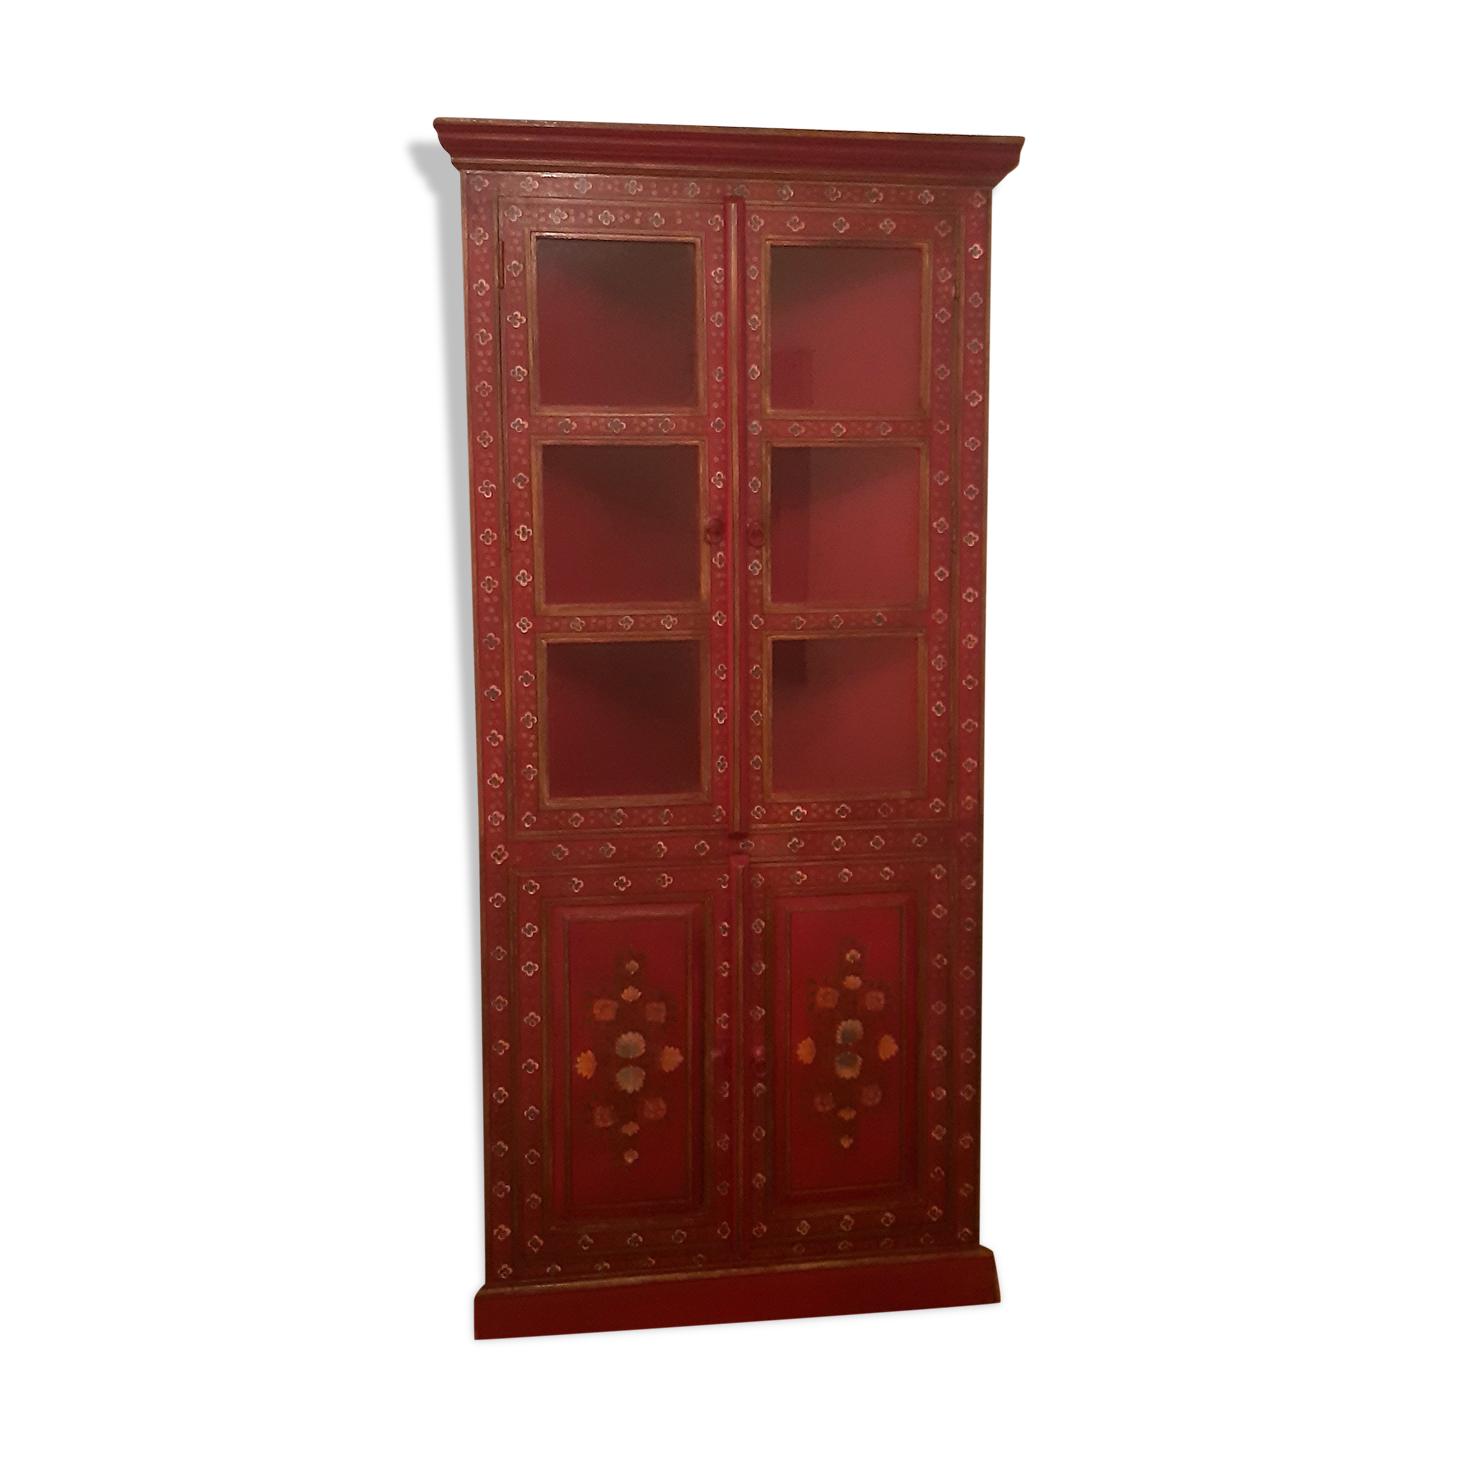 Encoignure indienne bois rouge